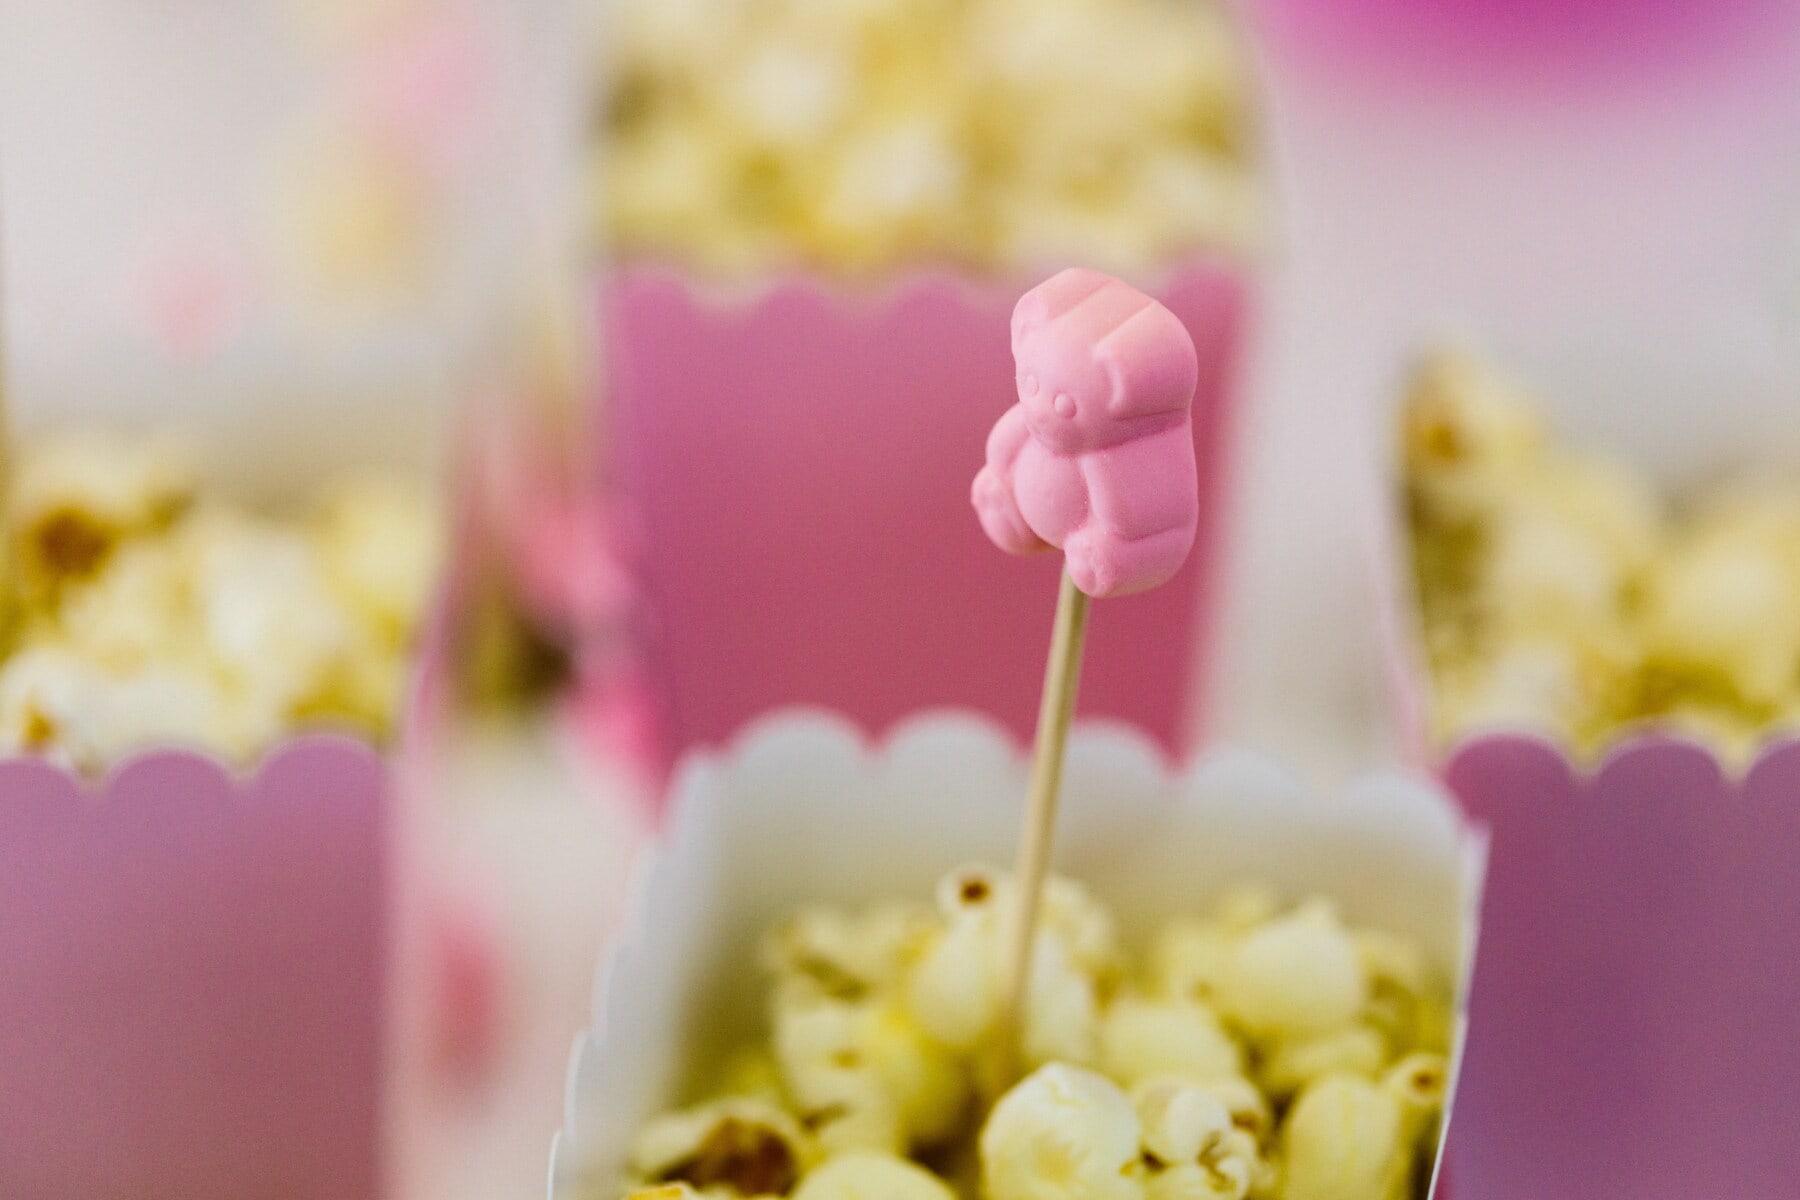 Popcorn, Rosa, Teddybär Spielzeug, dekorative, Lutscher, Rosa, Essen, sehr lecker, traditionelle, verwischen